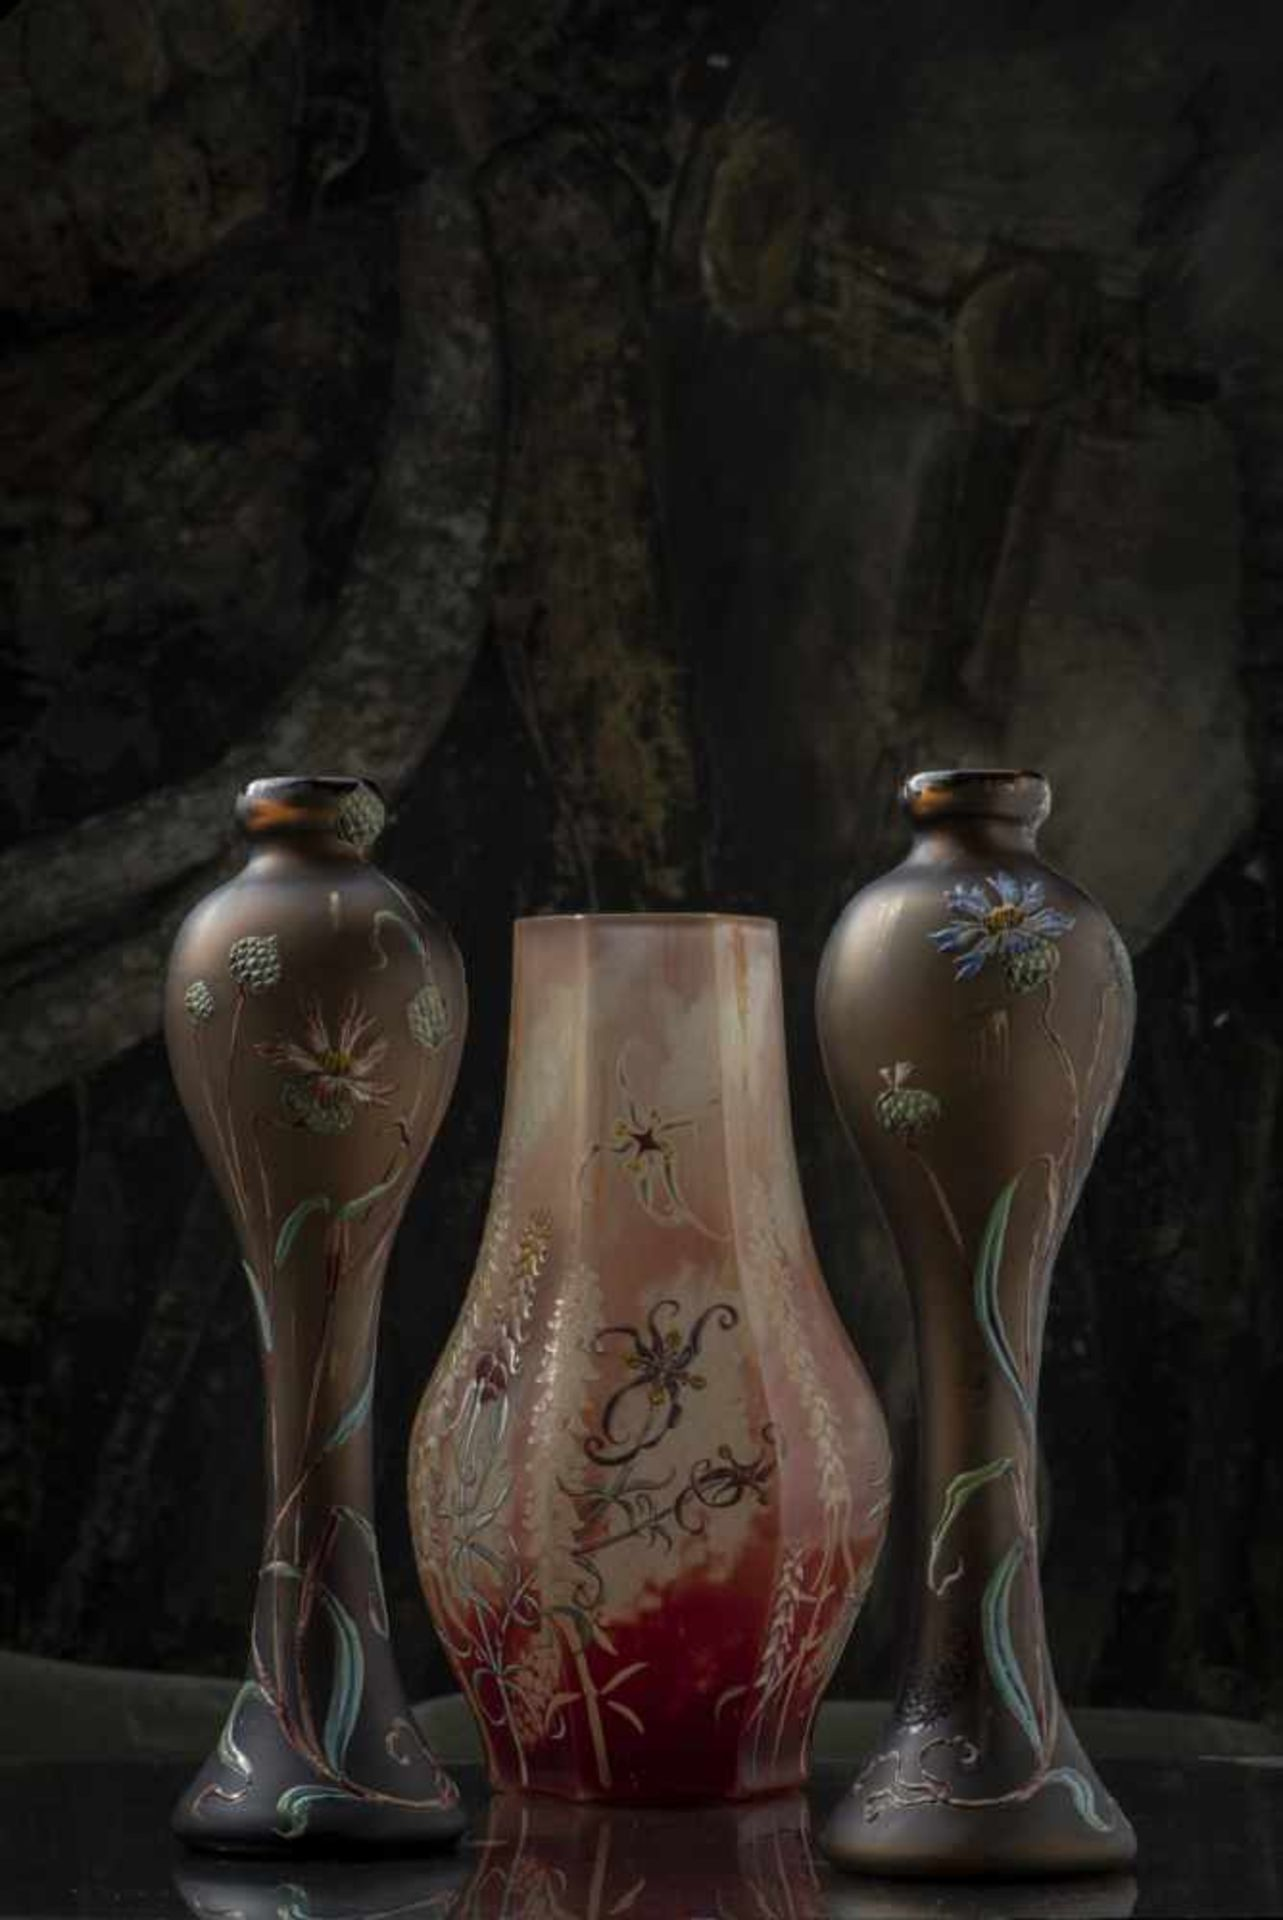 Verrerie d'Art de Lorraine, Burgun Schverer & Cie., Meisenthal, Pair of vases 'Bleuets', c. 1895- - Bild 2 aus 13